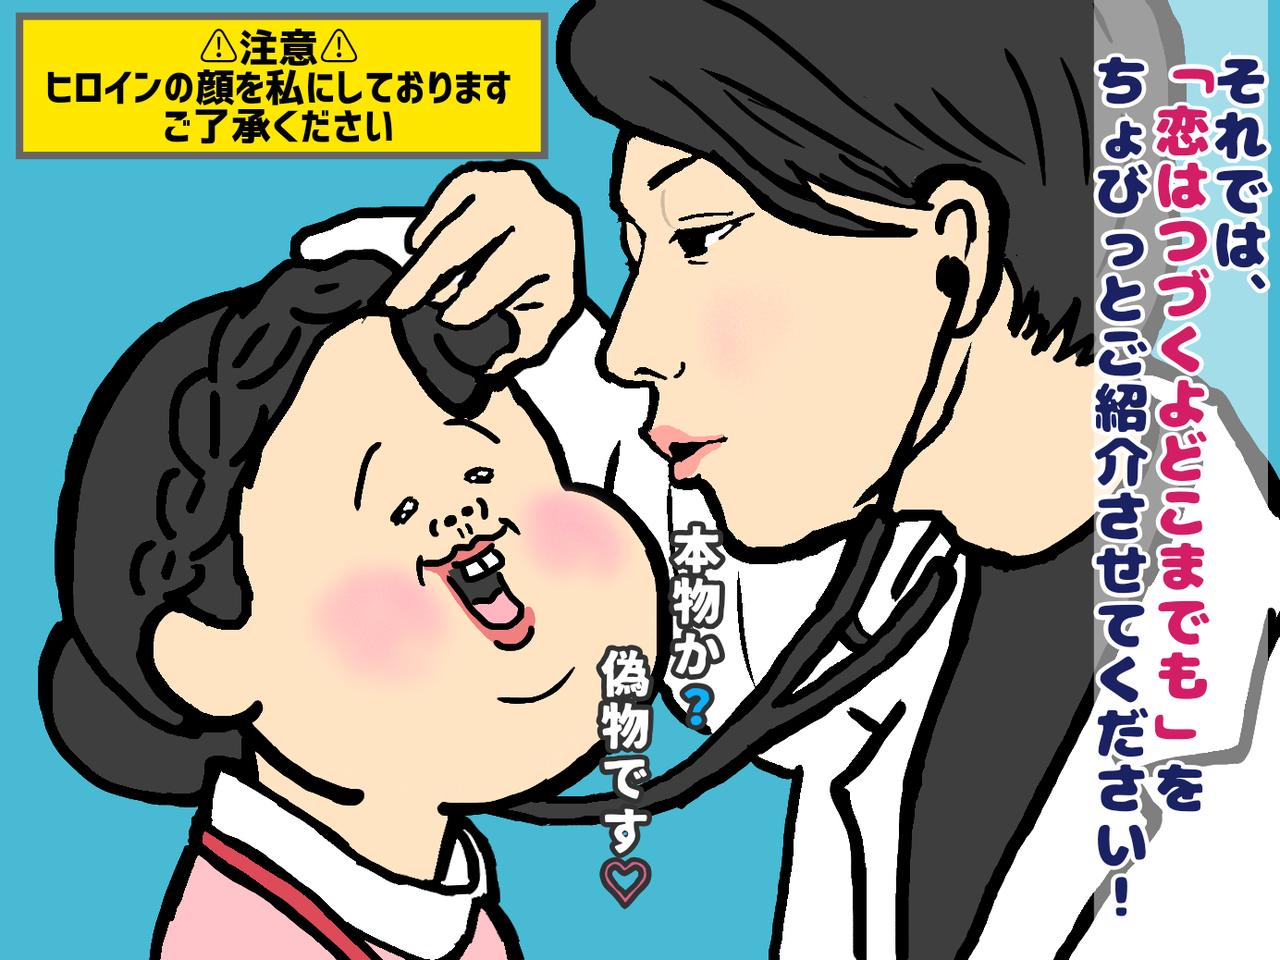 つづ ダイジェスト 恋